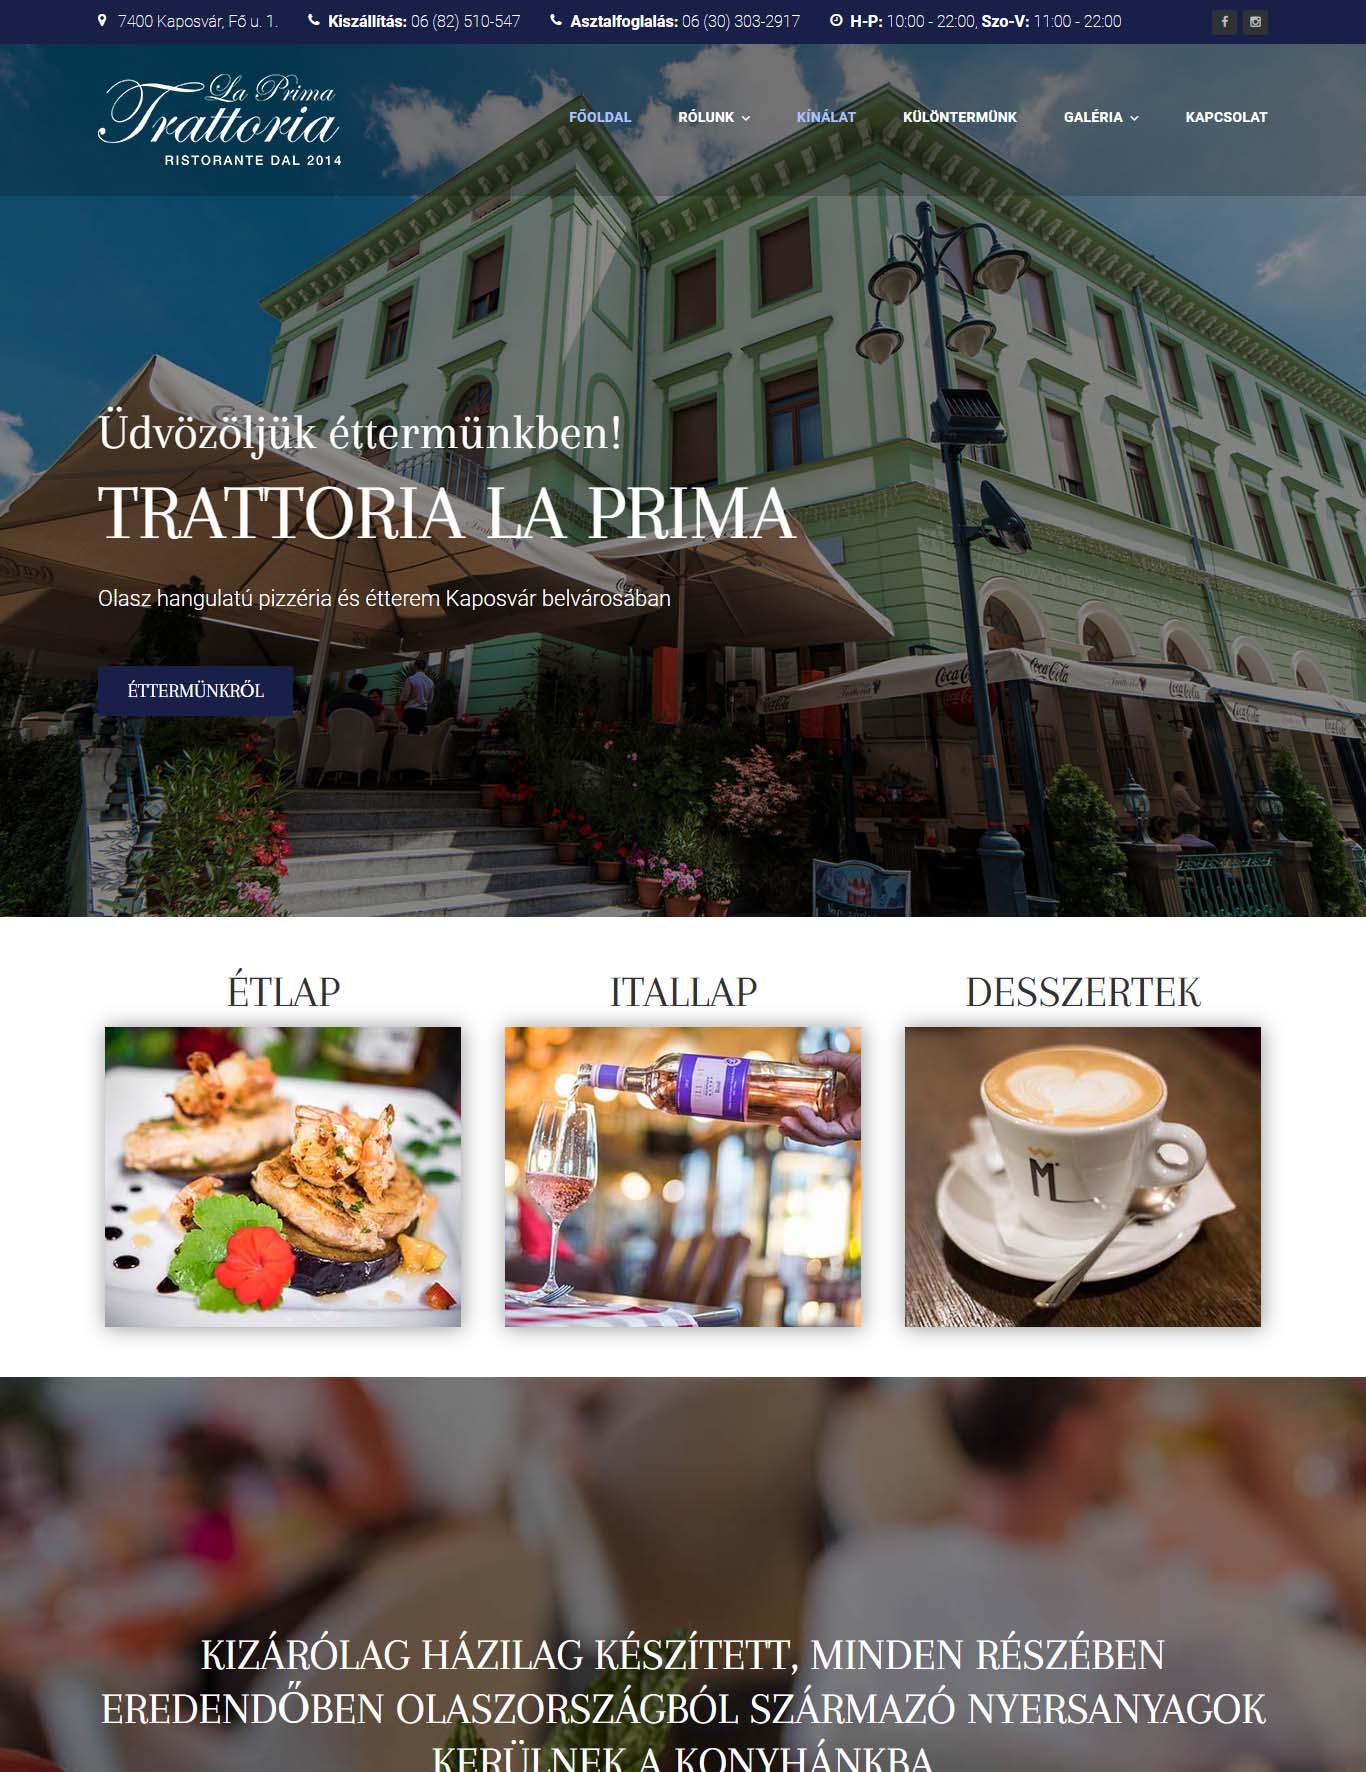 Trattoria La Prima olasz hangulatú étterem és pizzéria